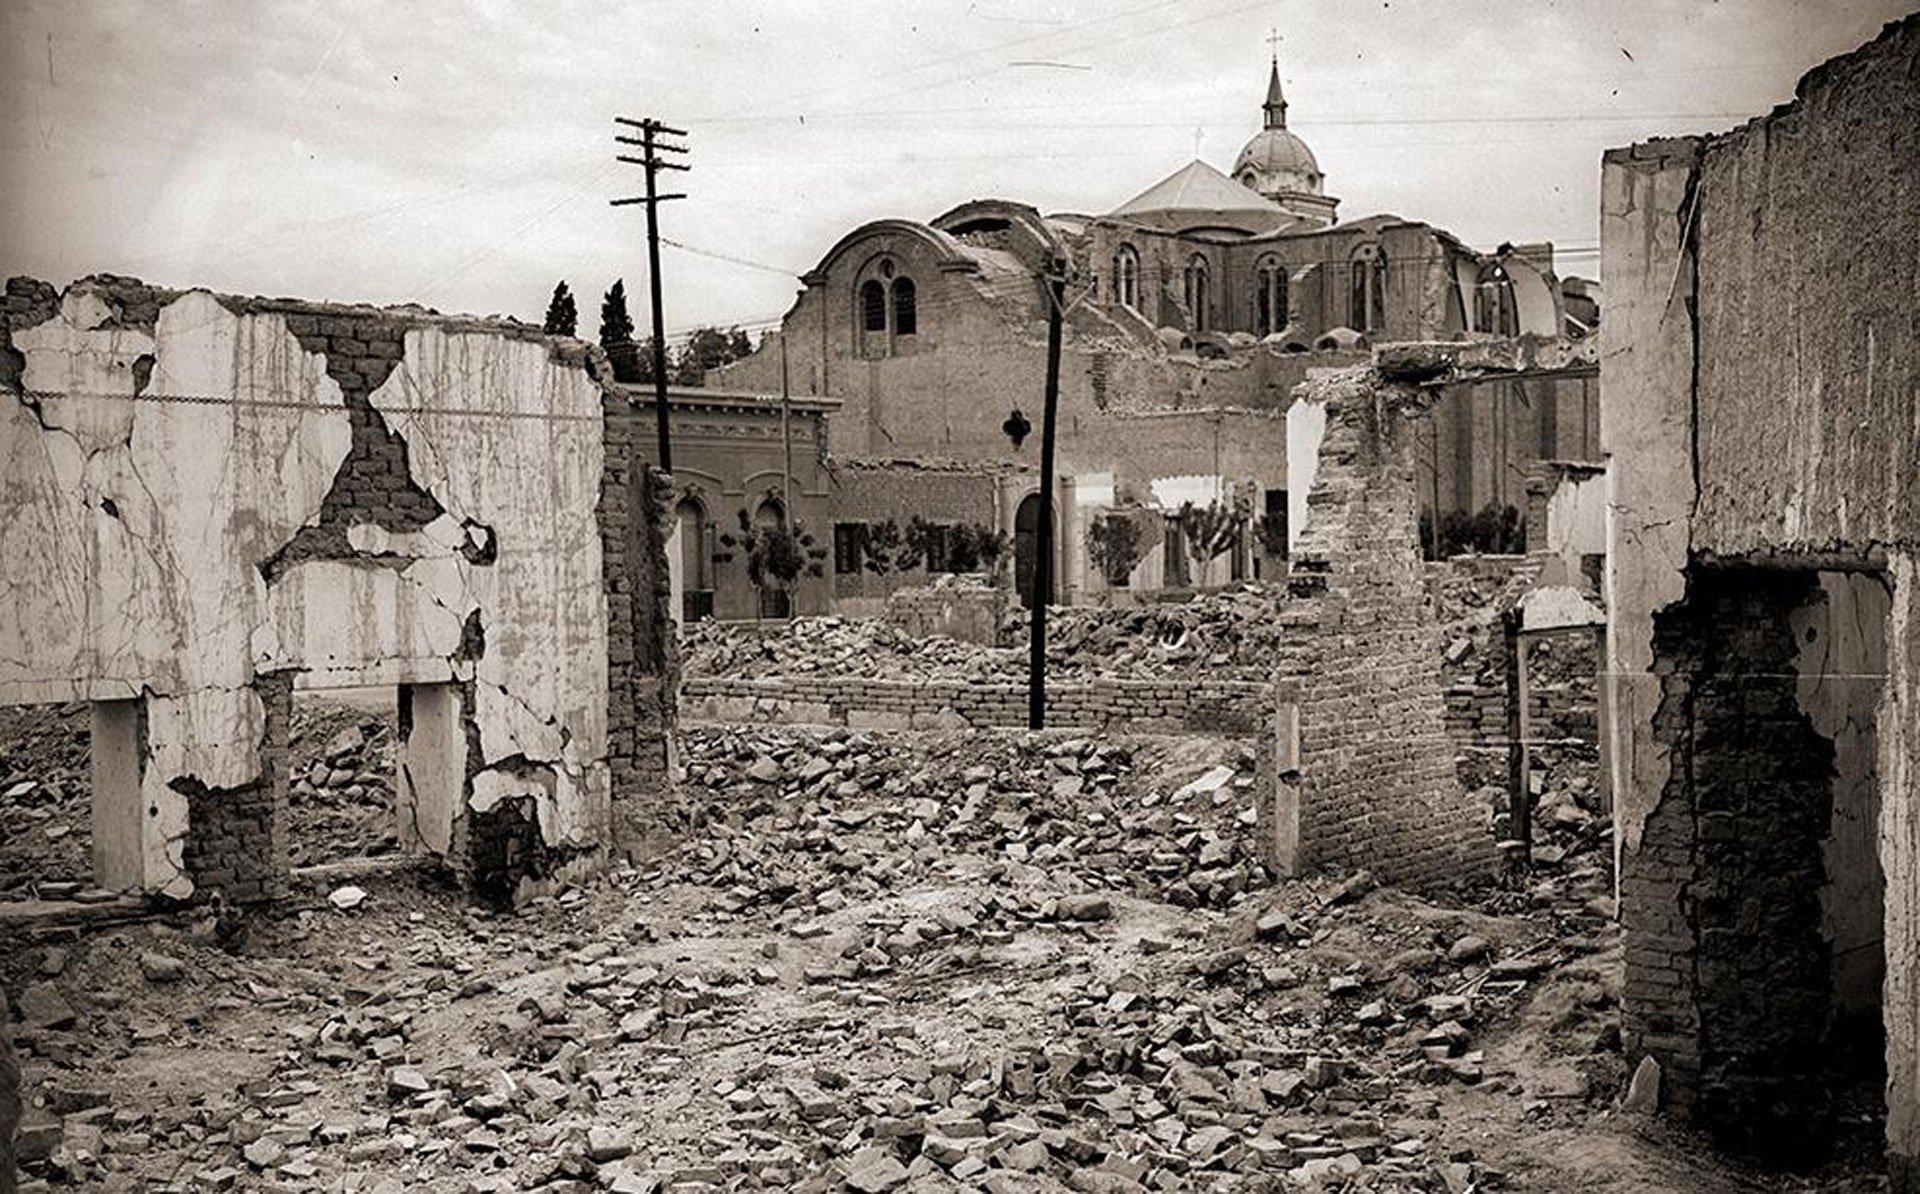 San Juan, Argentina. 15 de enero de 1944.El peor terremoto de la historia argentina (7,4 en la escala de Richter) dejó 8.000 muertos y más de 12 mil heridos en la provincia de San Juan, al oeste del país. También se sintió en otras partes del país y en Chile